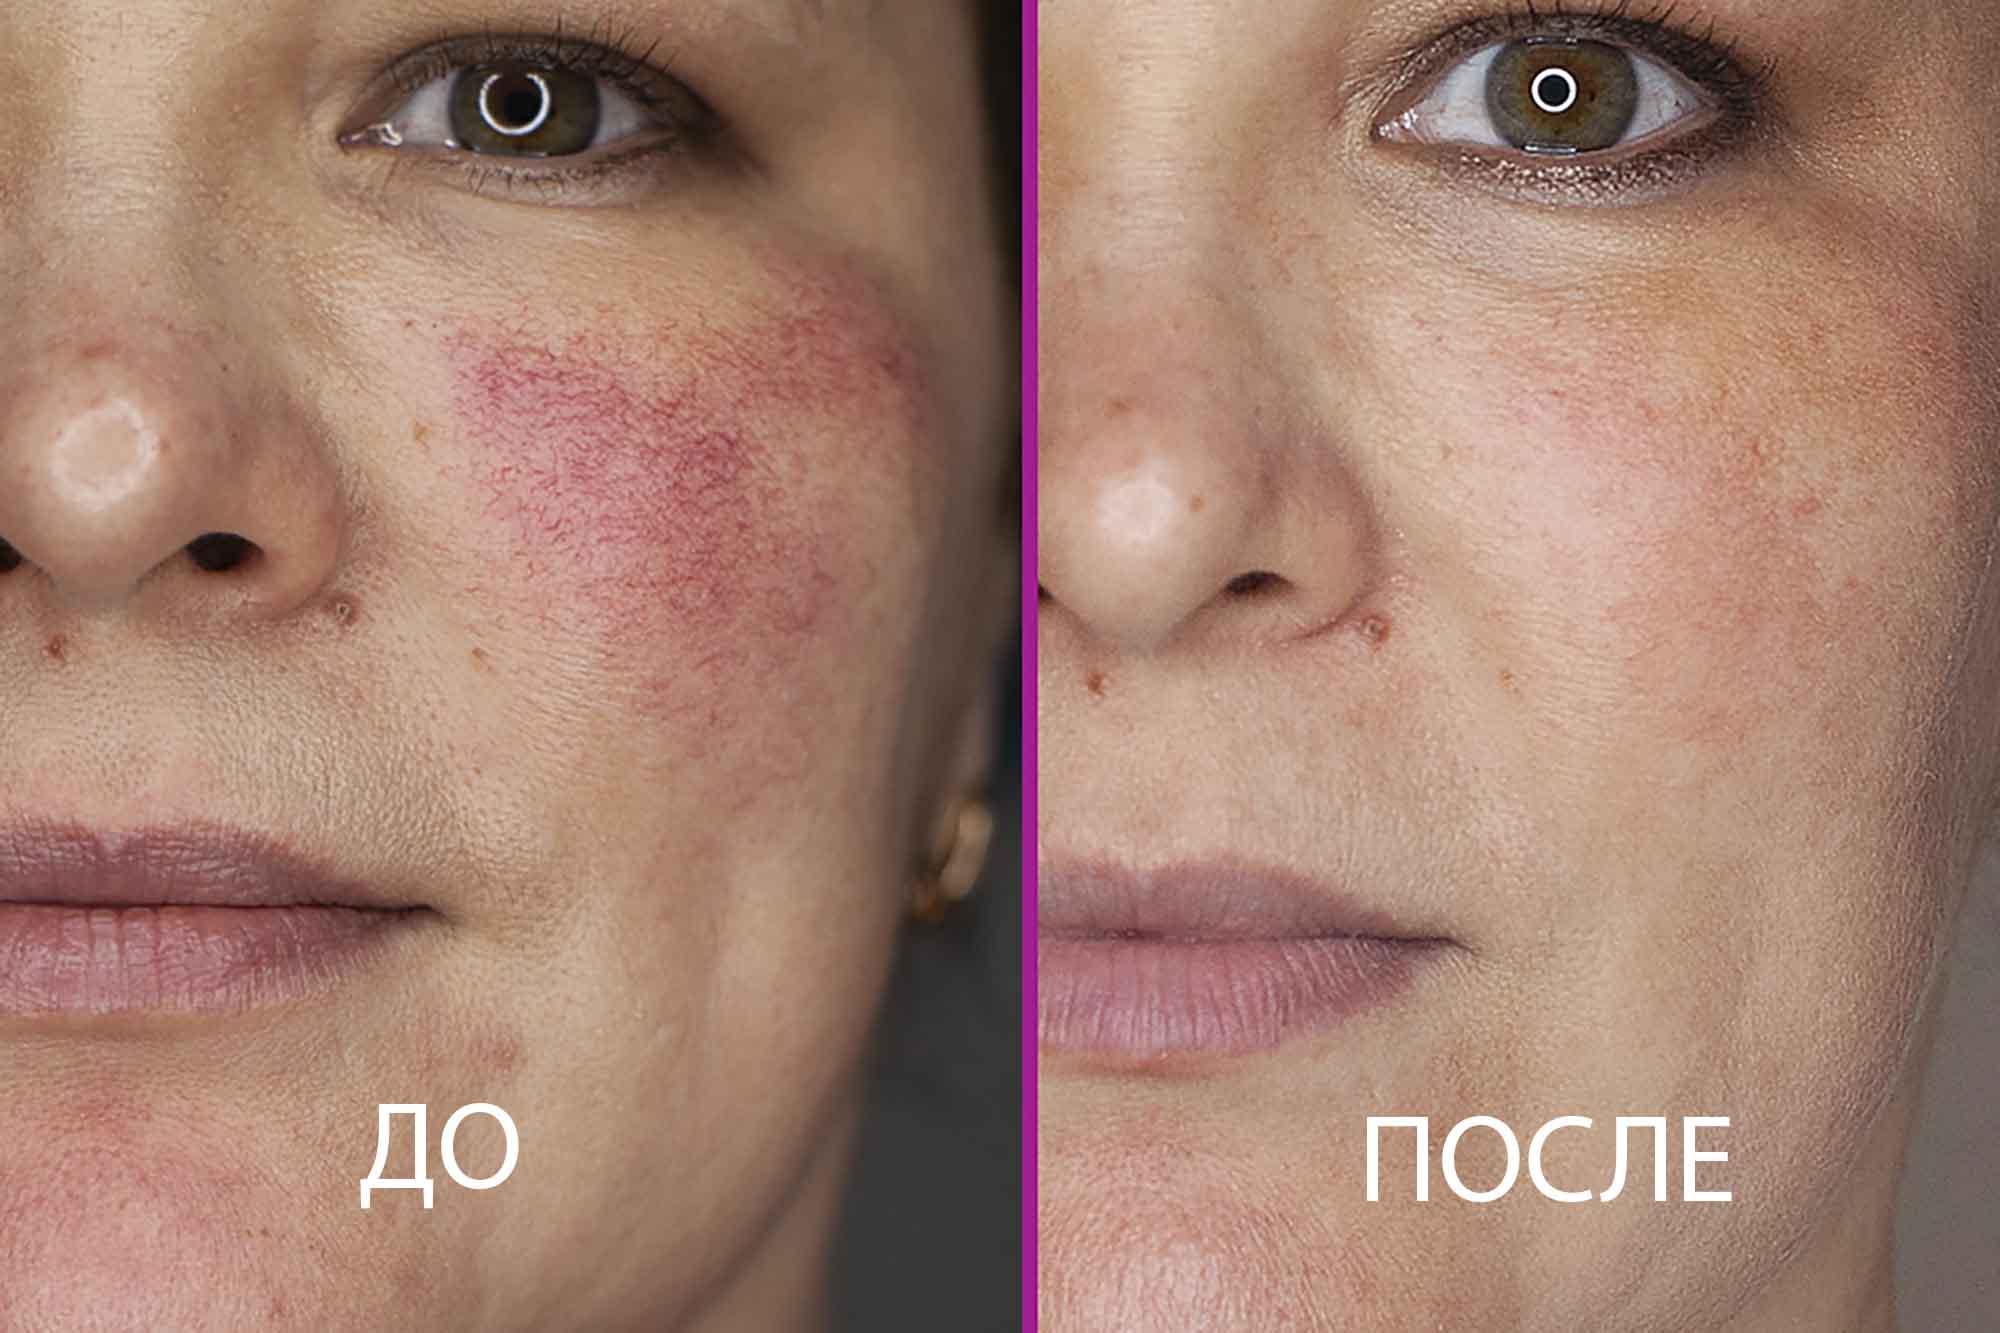 Сосуды на щеках до и после